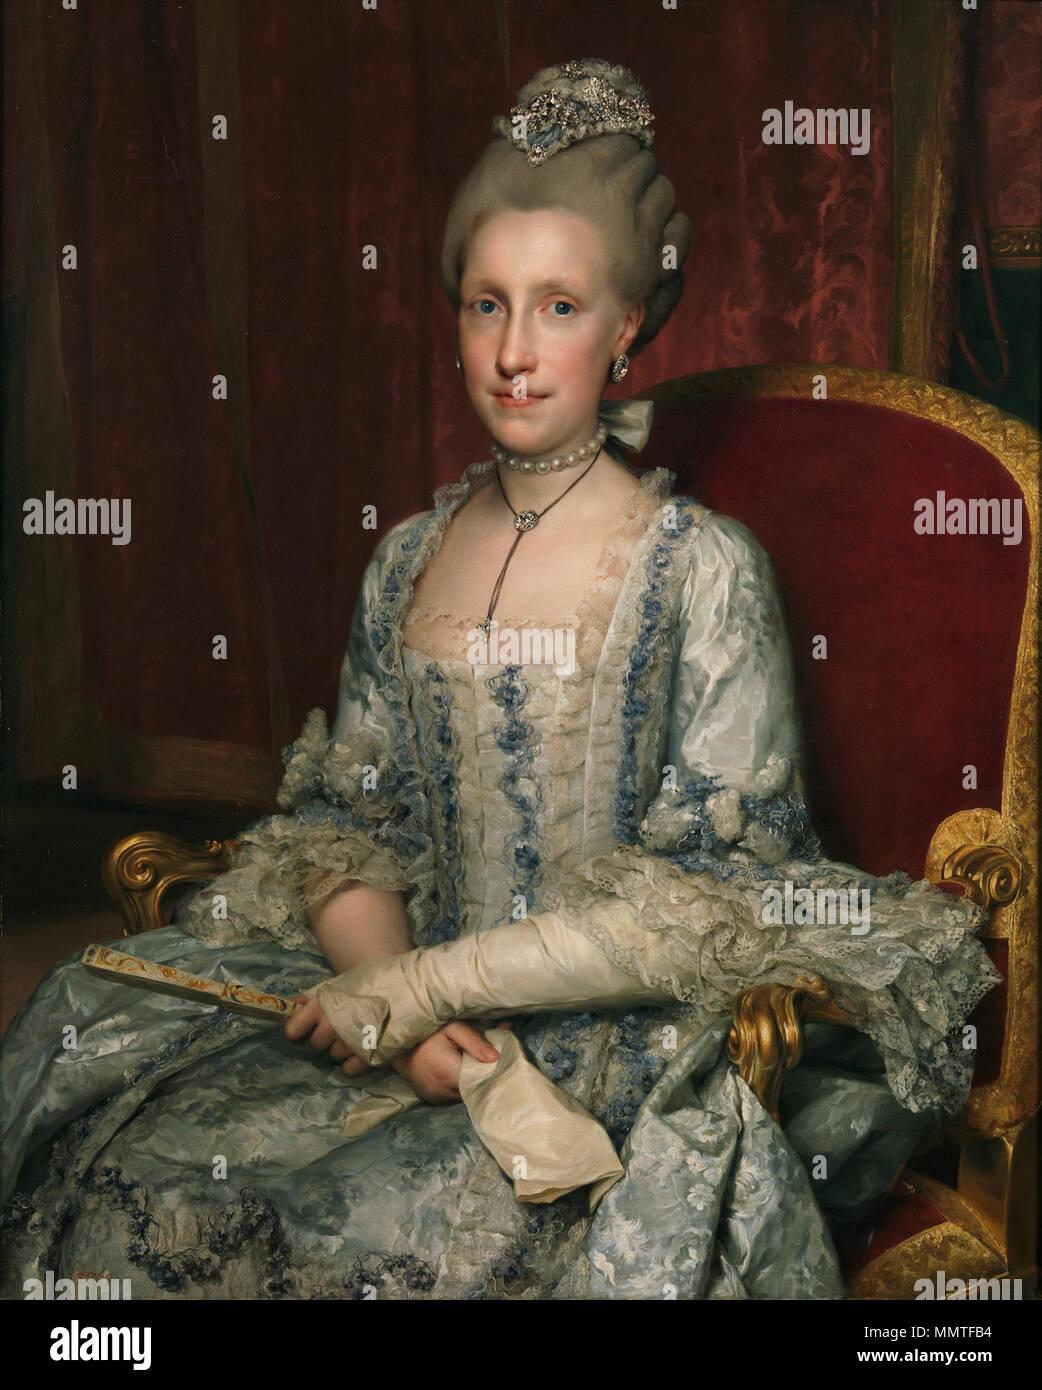 Matrimonio En El Imperio Romano : Español: retrato de la infanta maría luisa de borbón 1745 1792